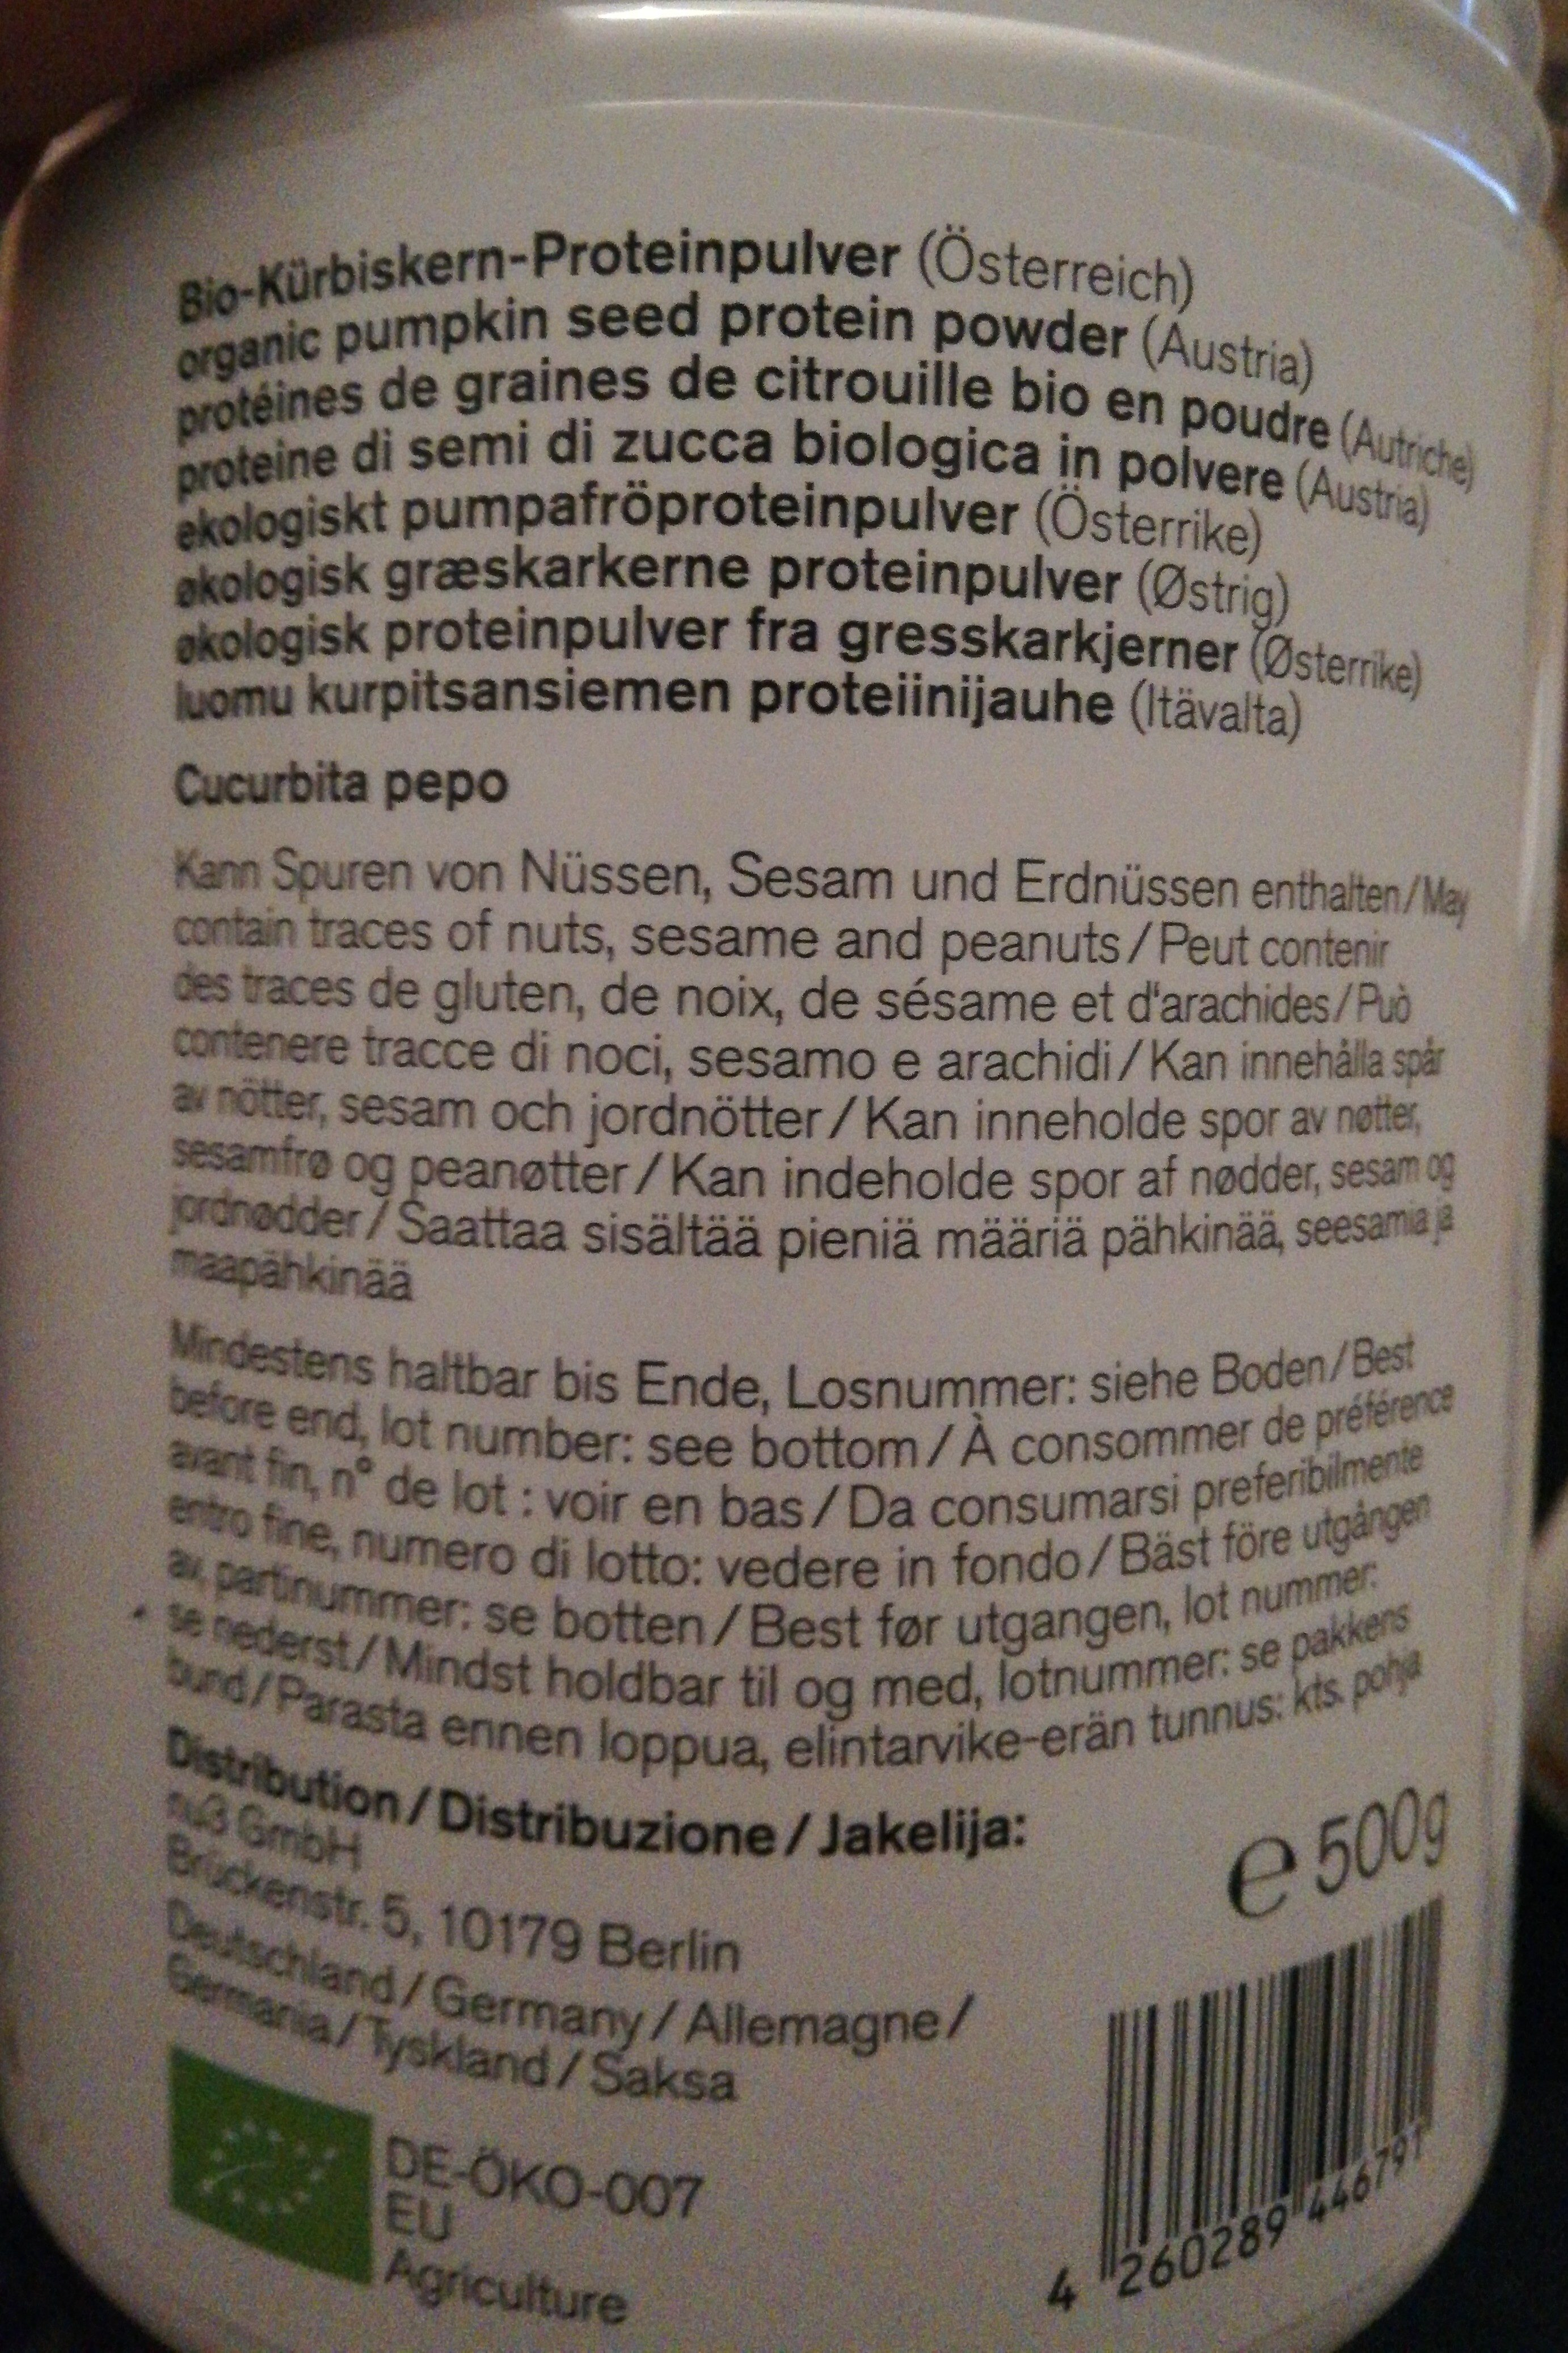 Nu3 økologisk Gresskarfrø Proteinpulver - Ingrédients - fr